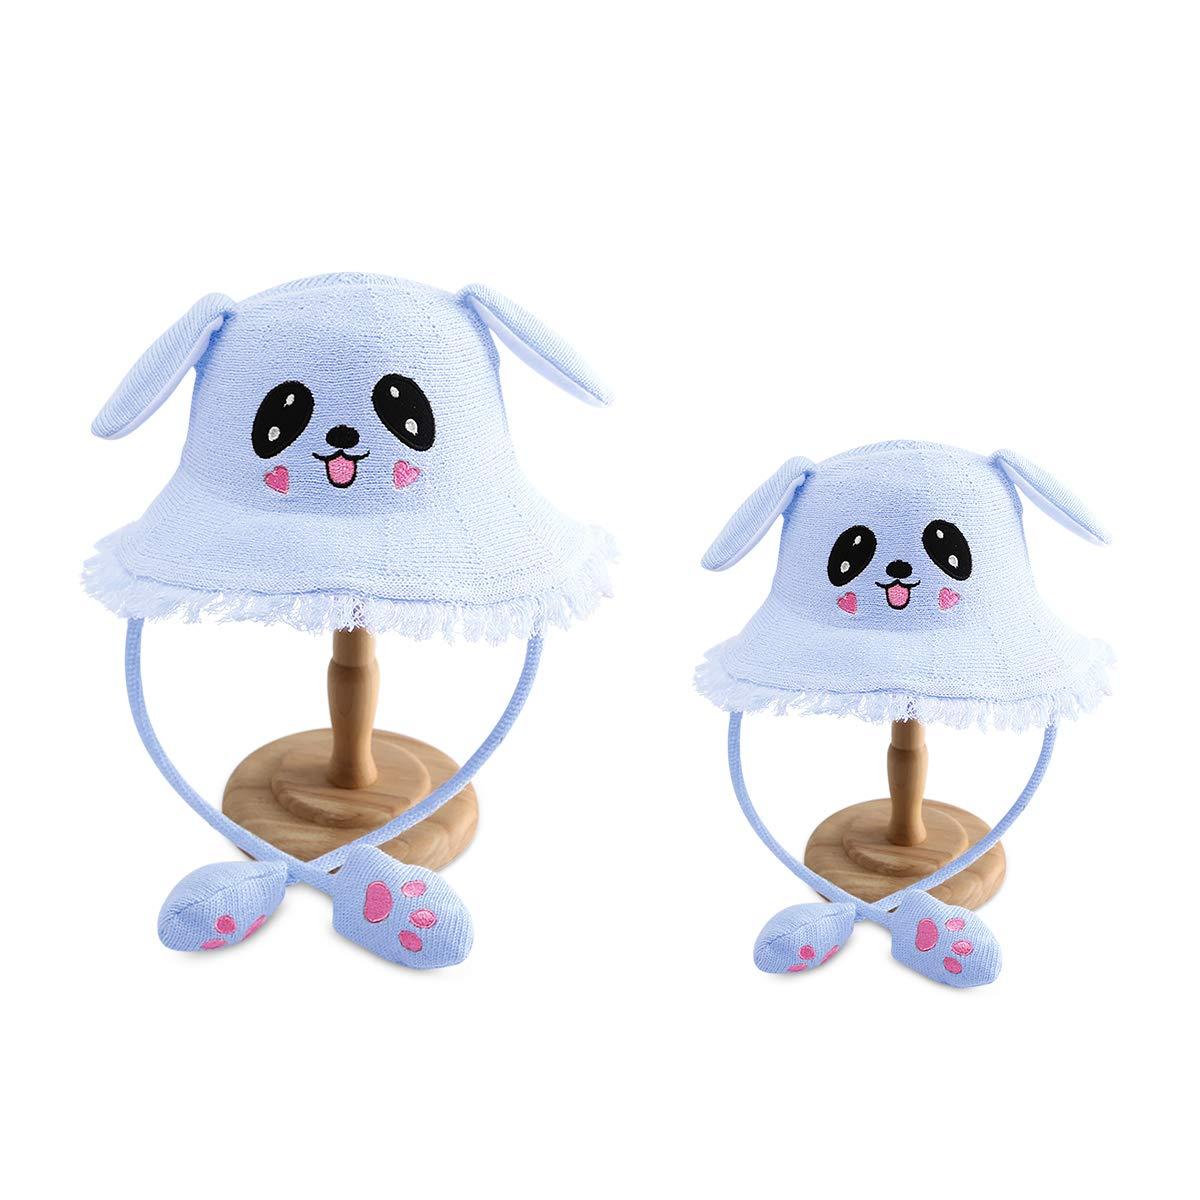 DORRISO Lindos Sombreros de Padres-ni/ño Bebe Gorros Ni/ña Oto/ño Invierno Primavera Calentar Peque/ña Mujeres Gorro Linda Sombrero de Oreja de Conejo